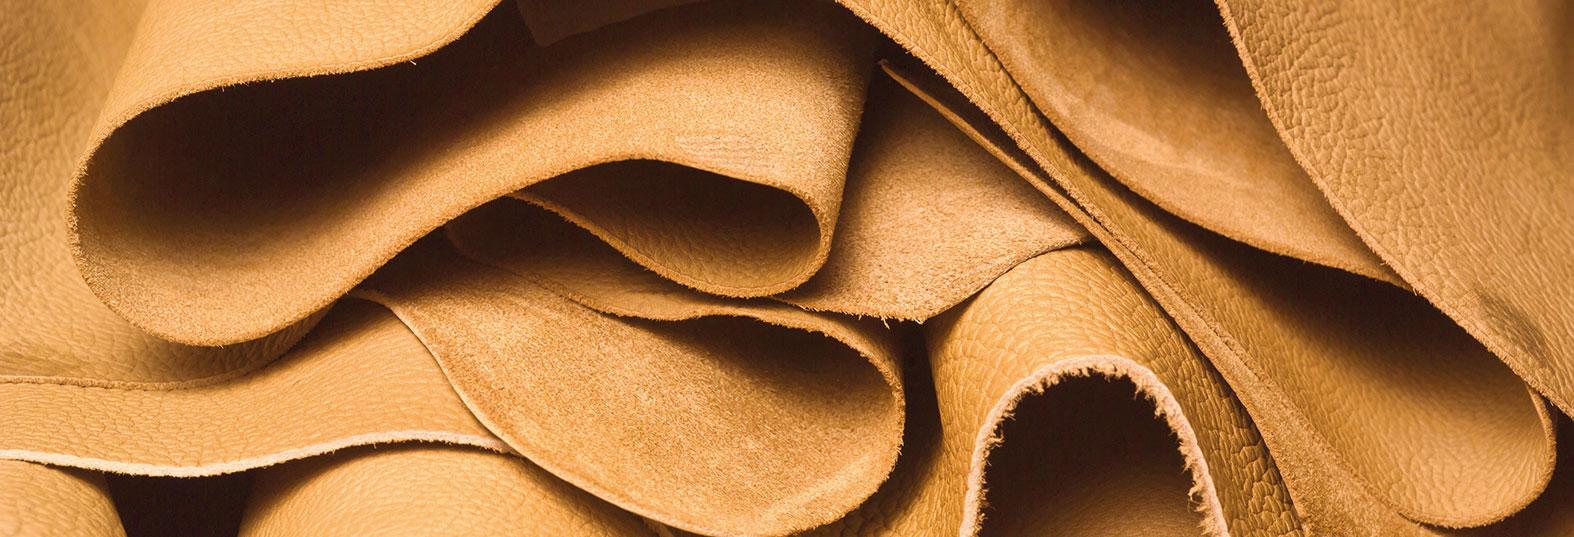 Tout Savoir Sur Le Cuir le cuir de chaussure – le cœur de toute chaussure sioux